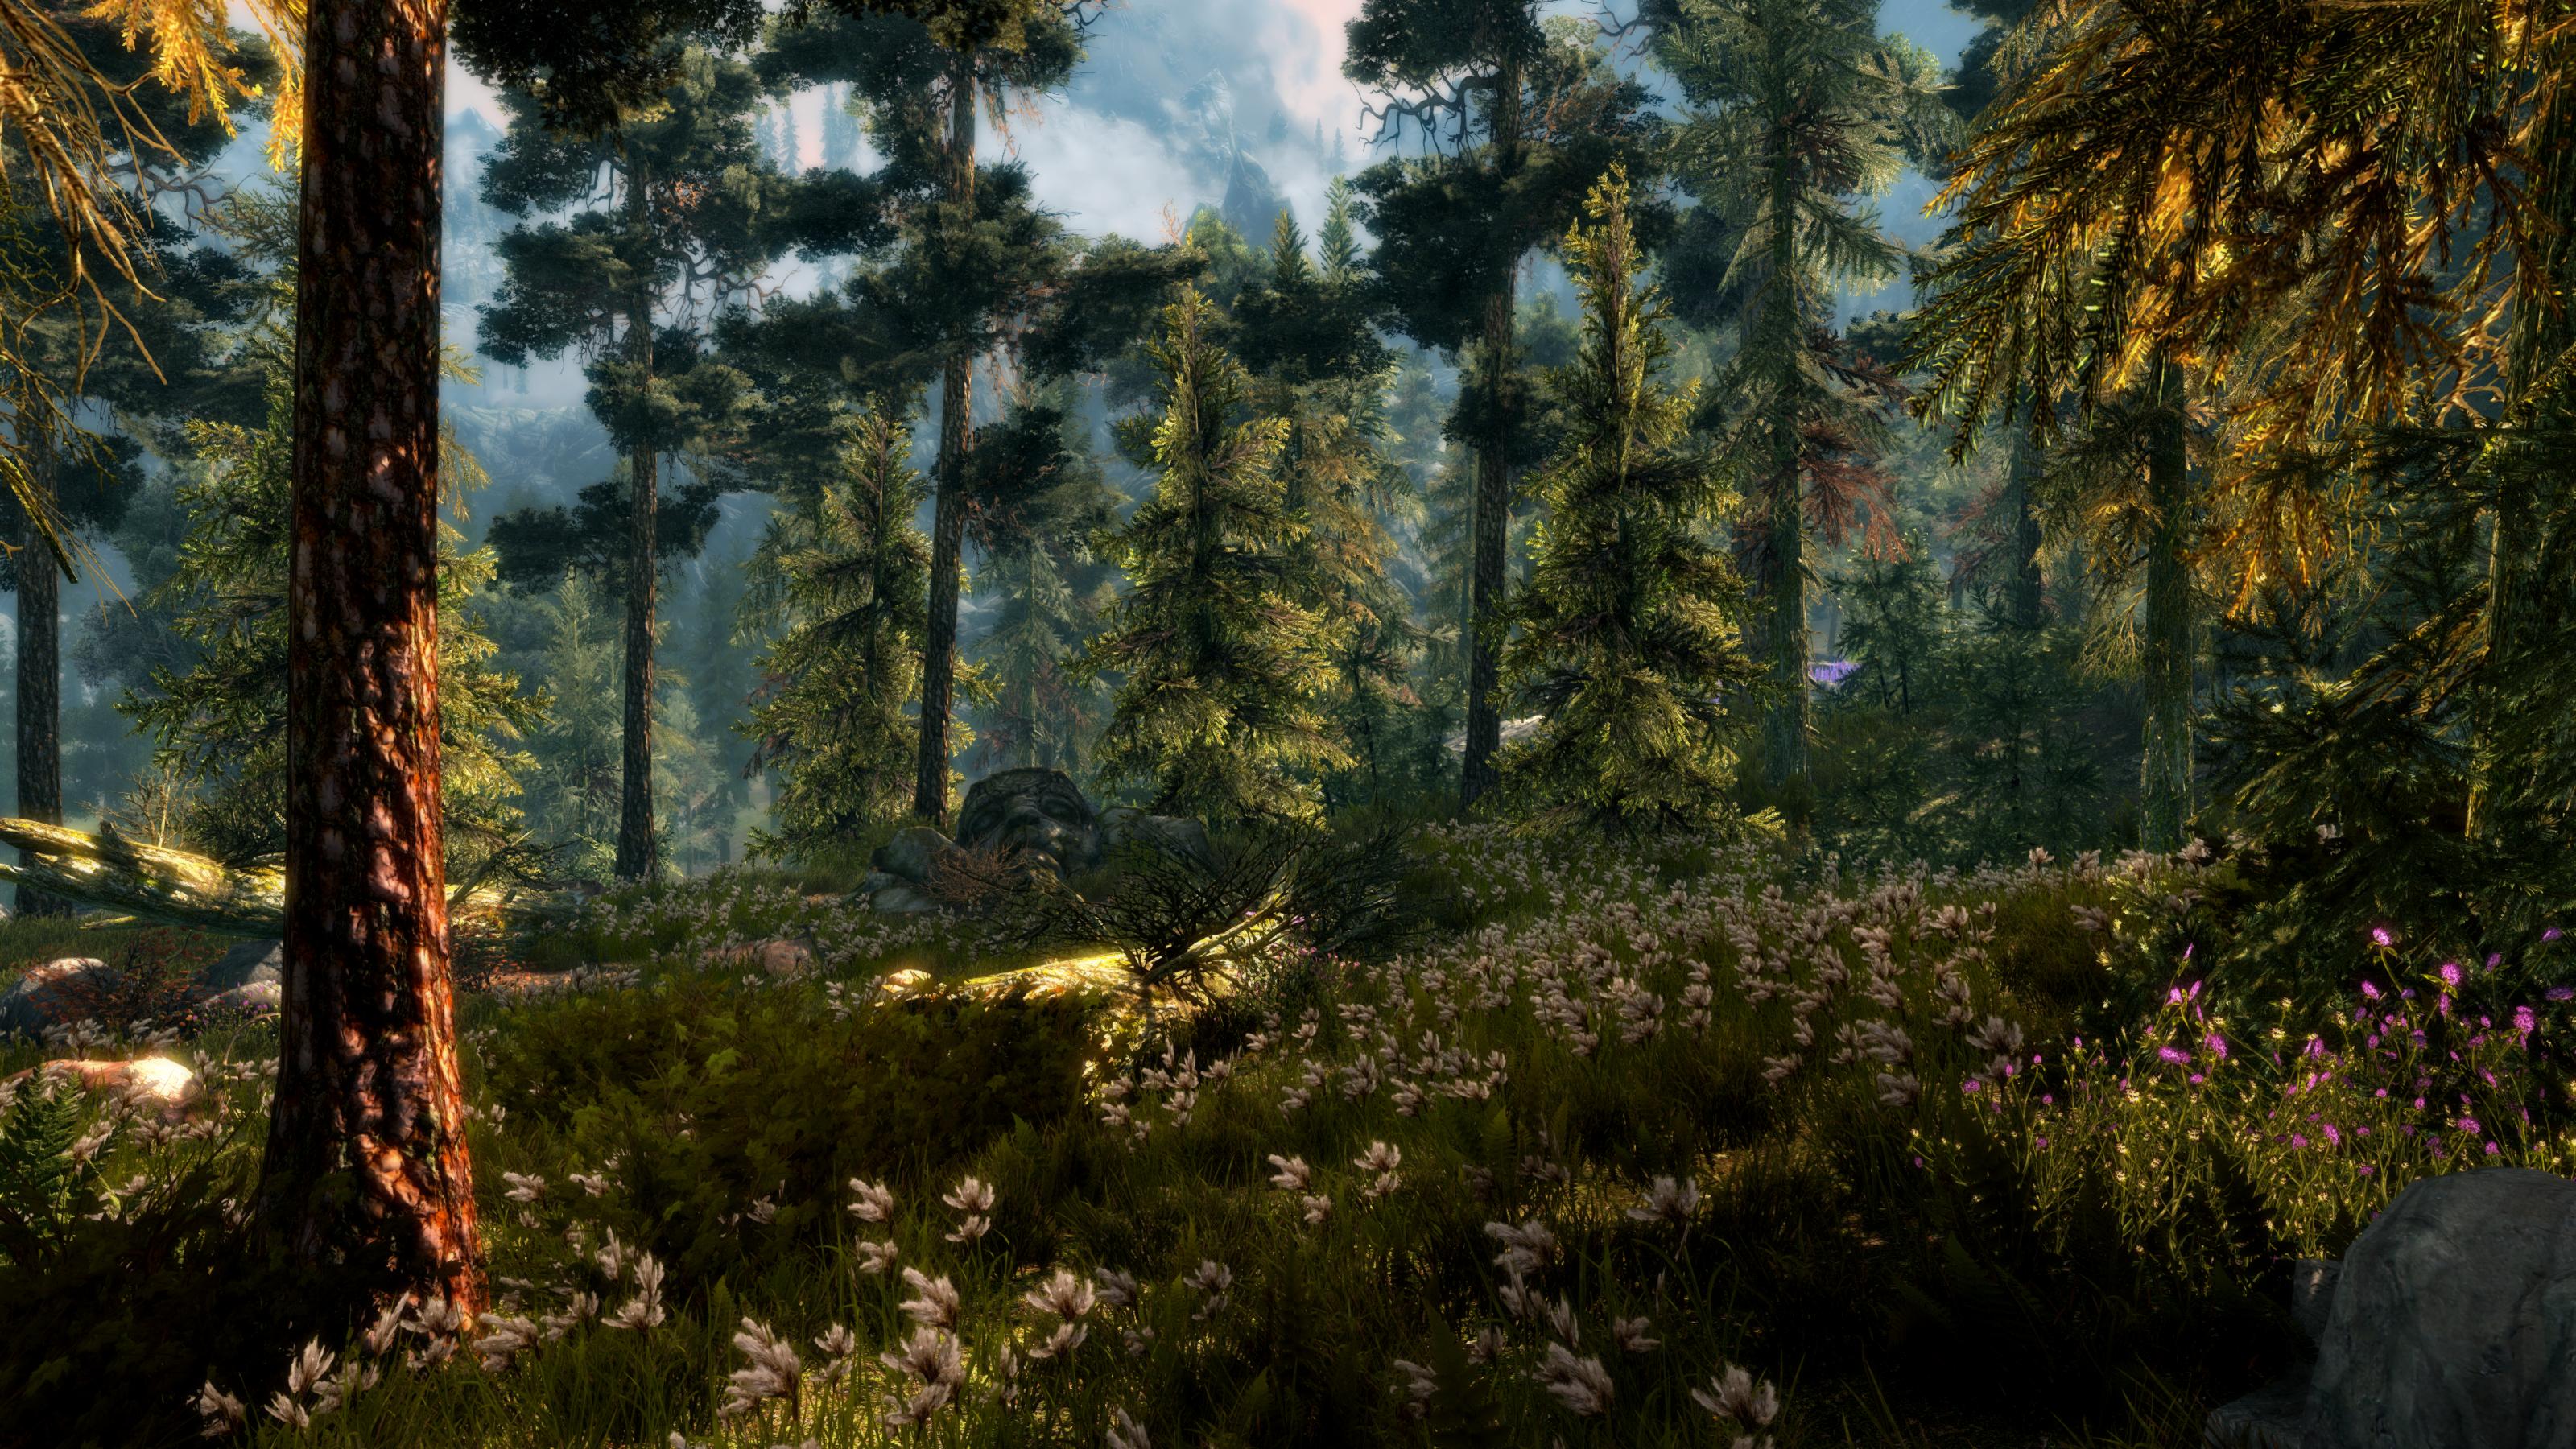 video game the elder scrolls v skyrim earth forest spring tree green flower wallpaper